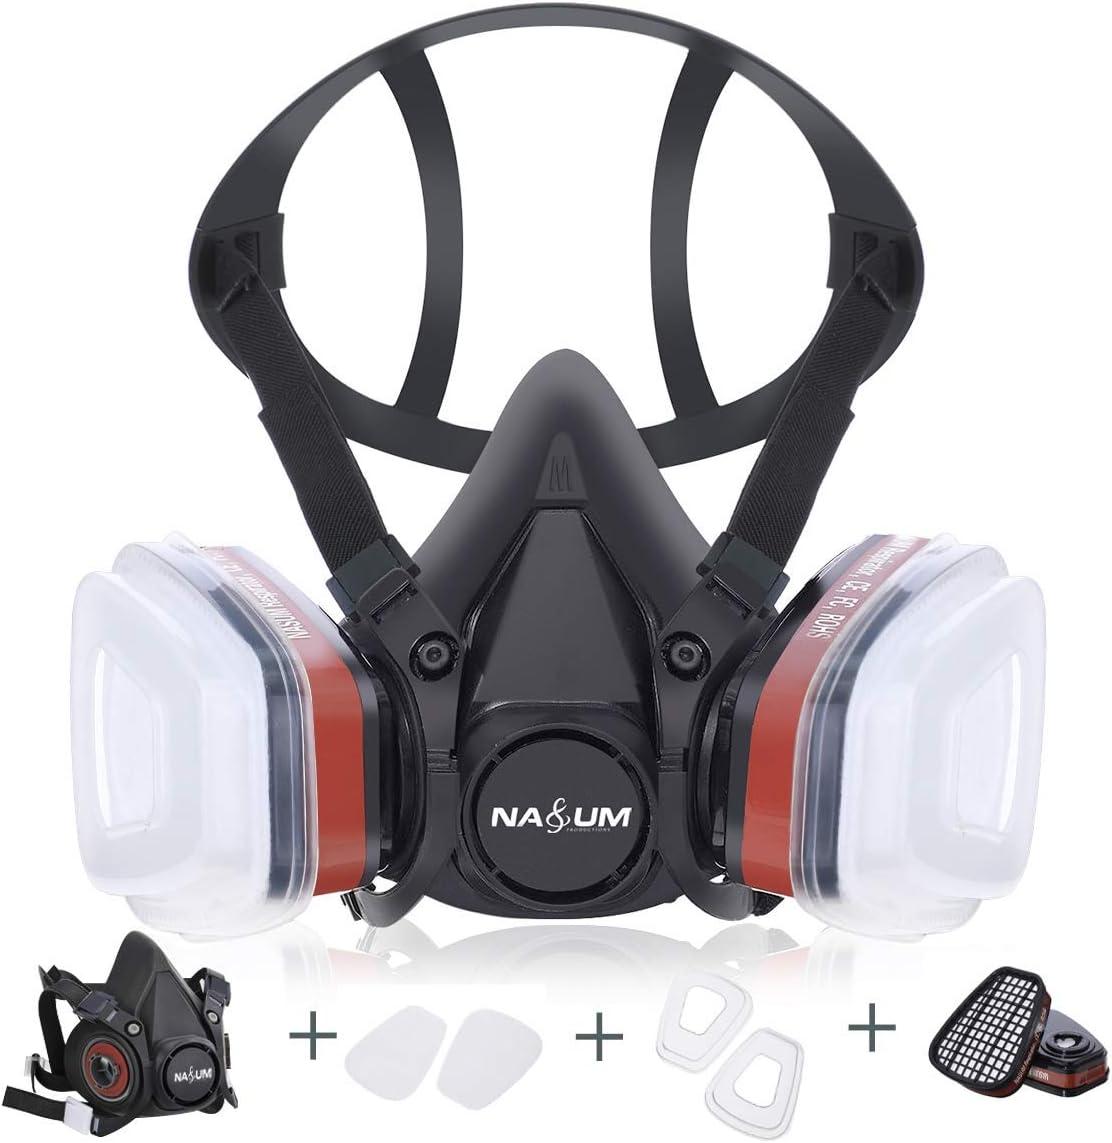 Facial Cubierta NASUM, con 2 Filtros / 2 Cajas / 2 Algodones de Filtro, Contra Polvo / Partículas / Gas , para Pulverización / Pintura / Industria / Agricultura